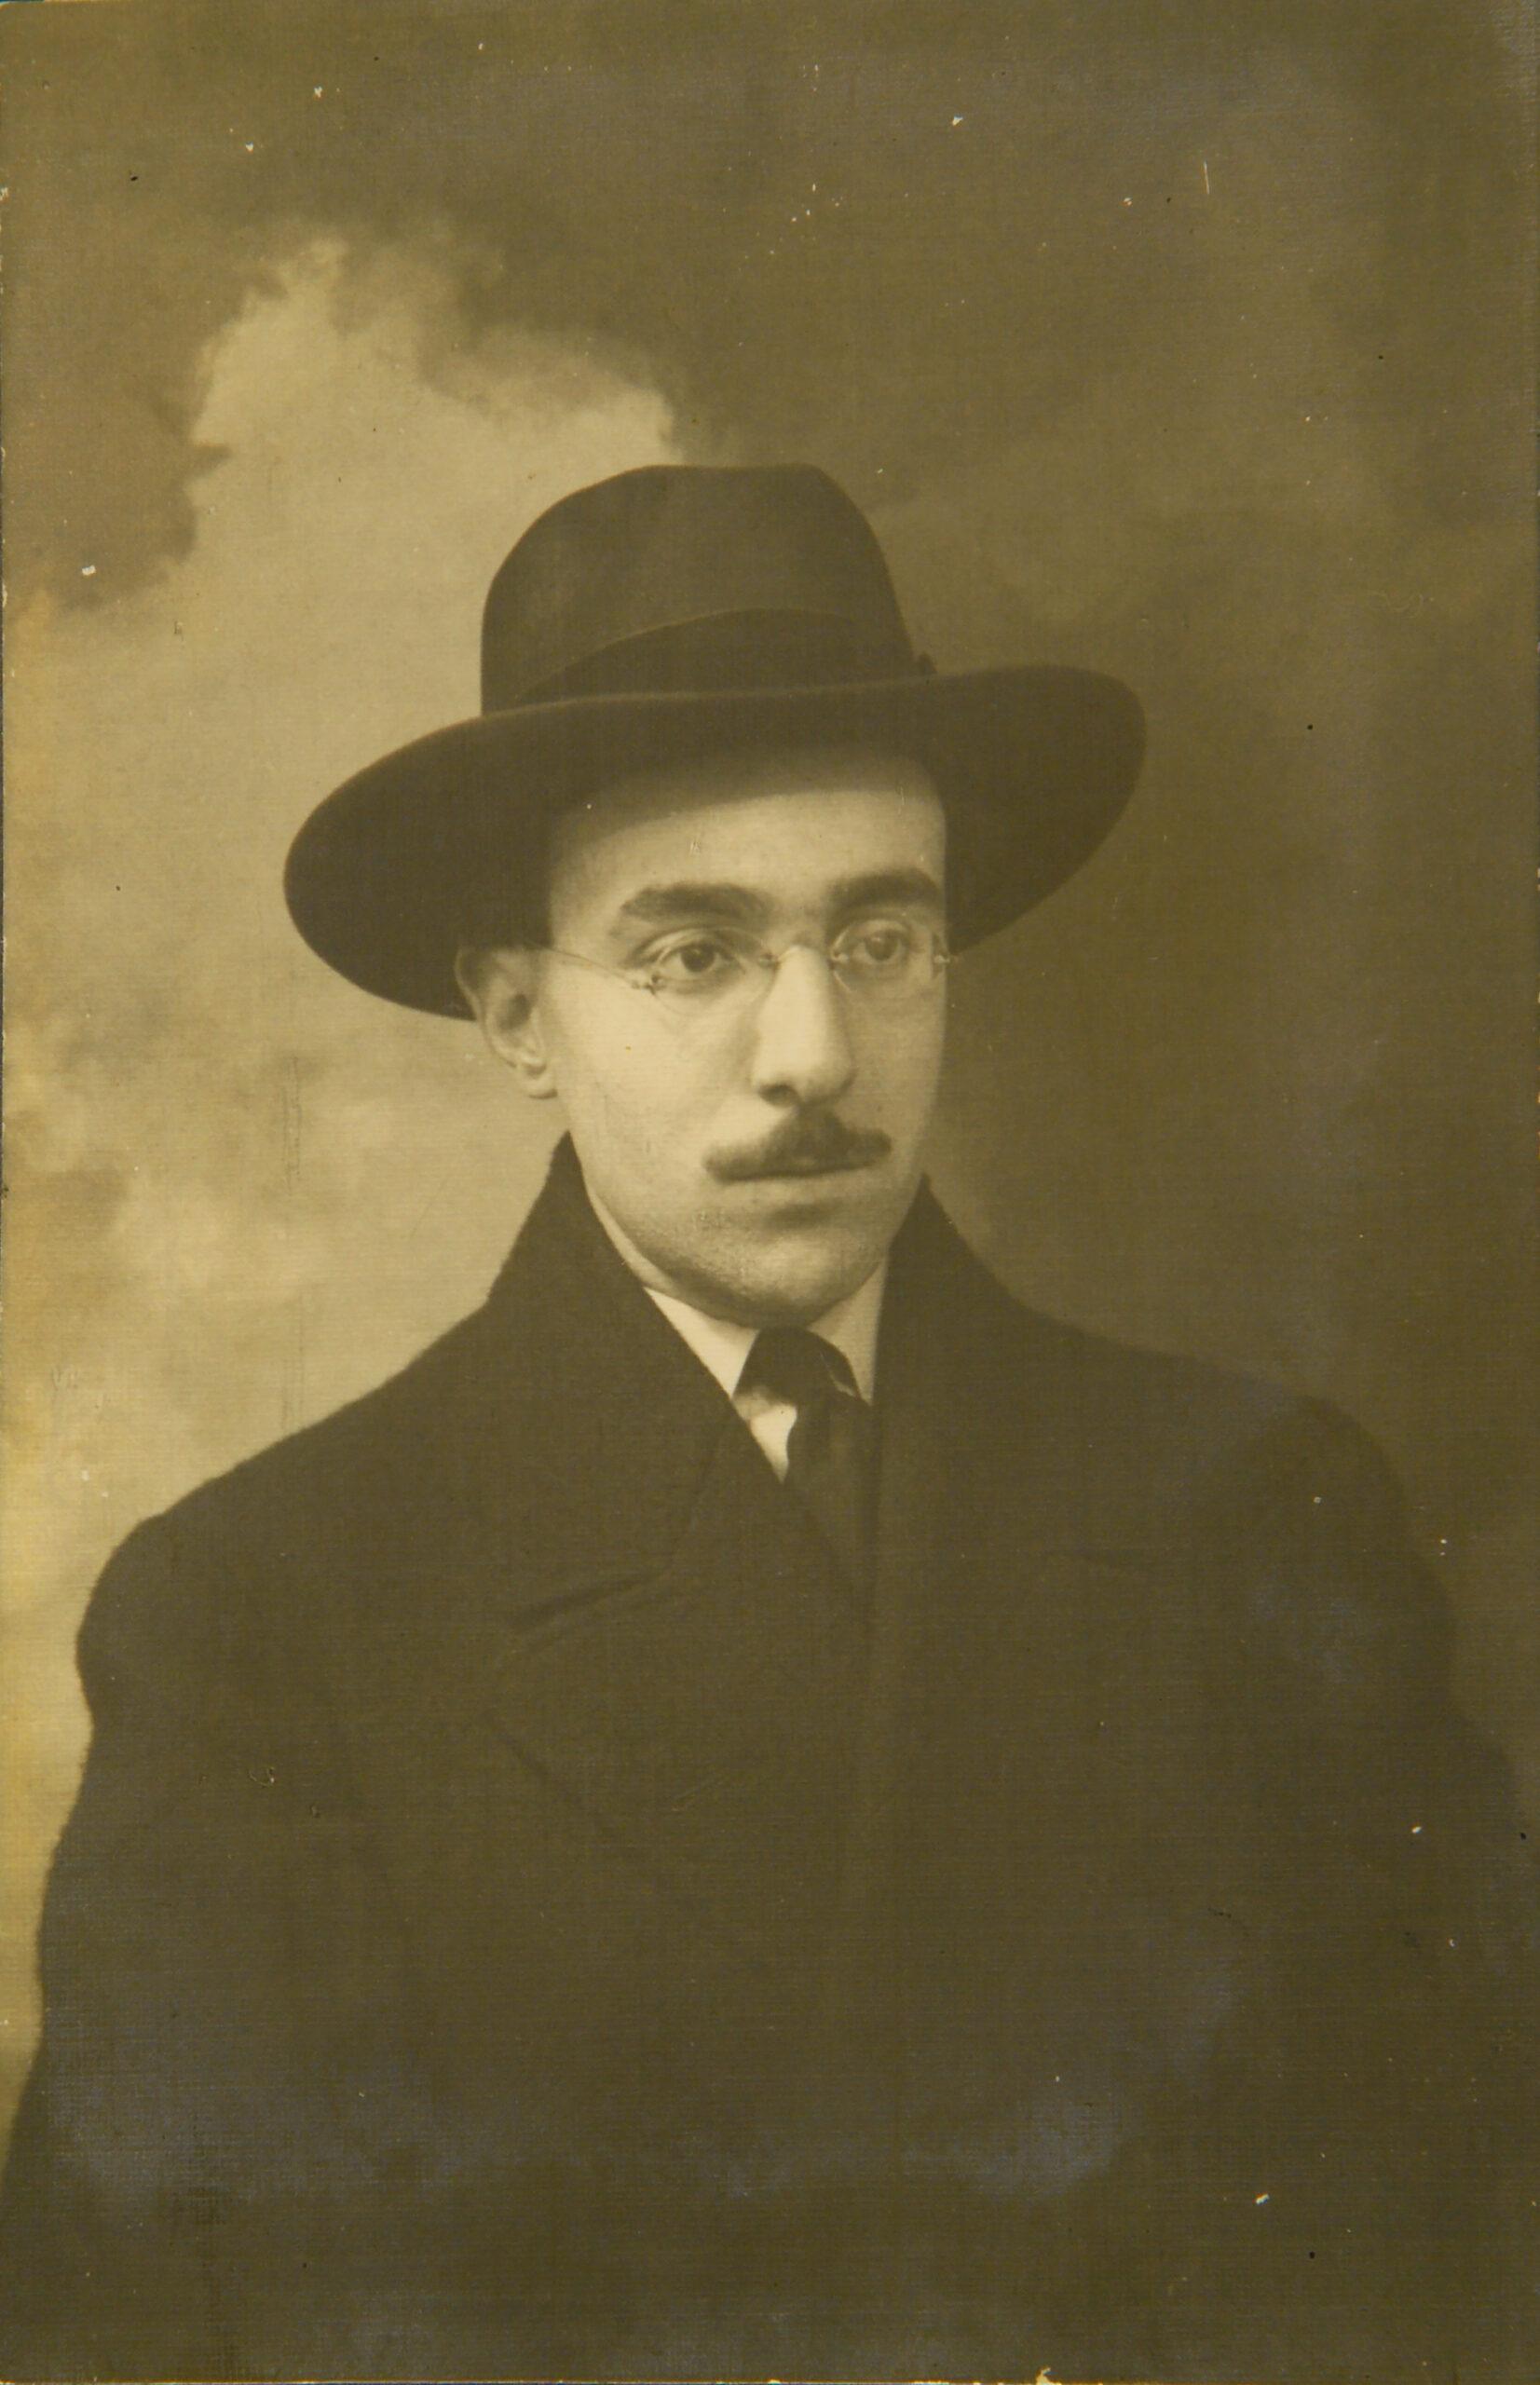 The Year of the Birth of Alberto Caeiro